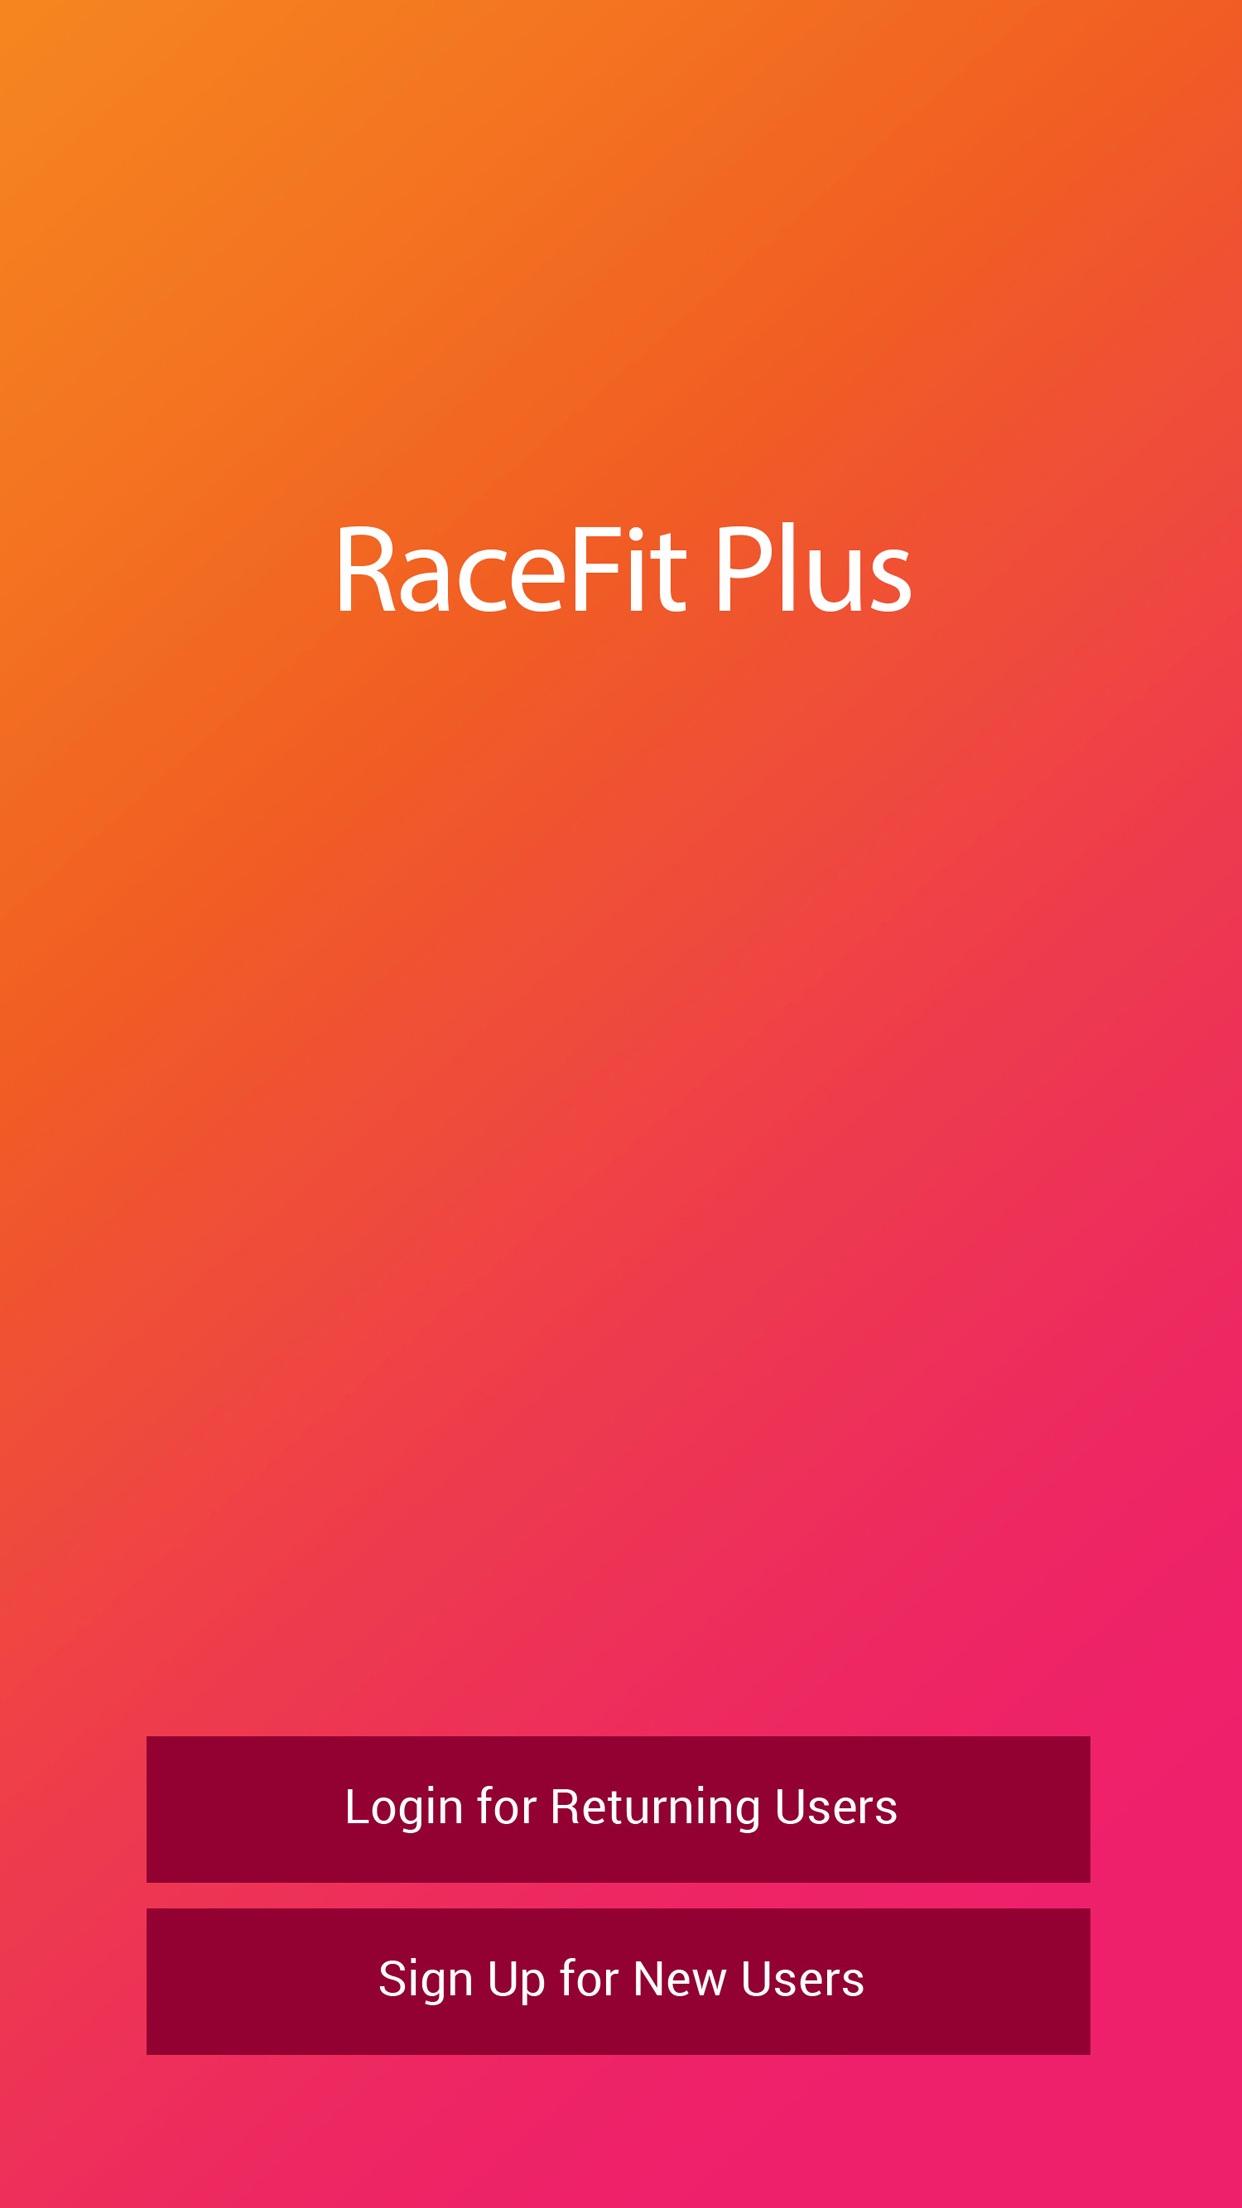 RaceFit Plus Screenshot